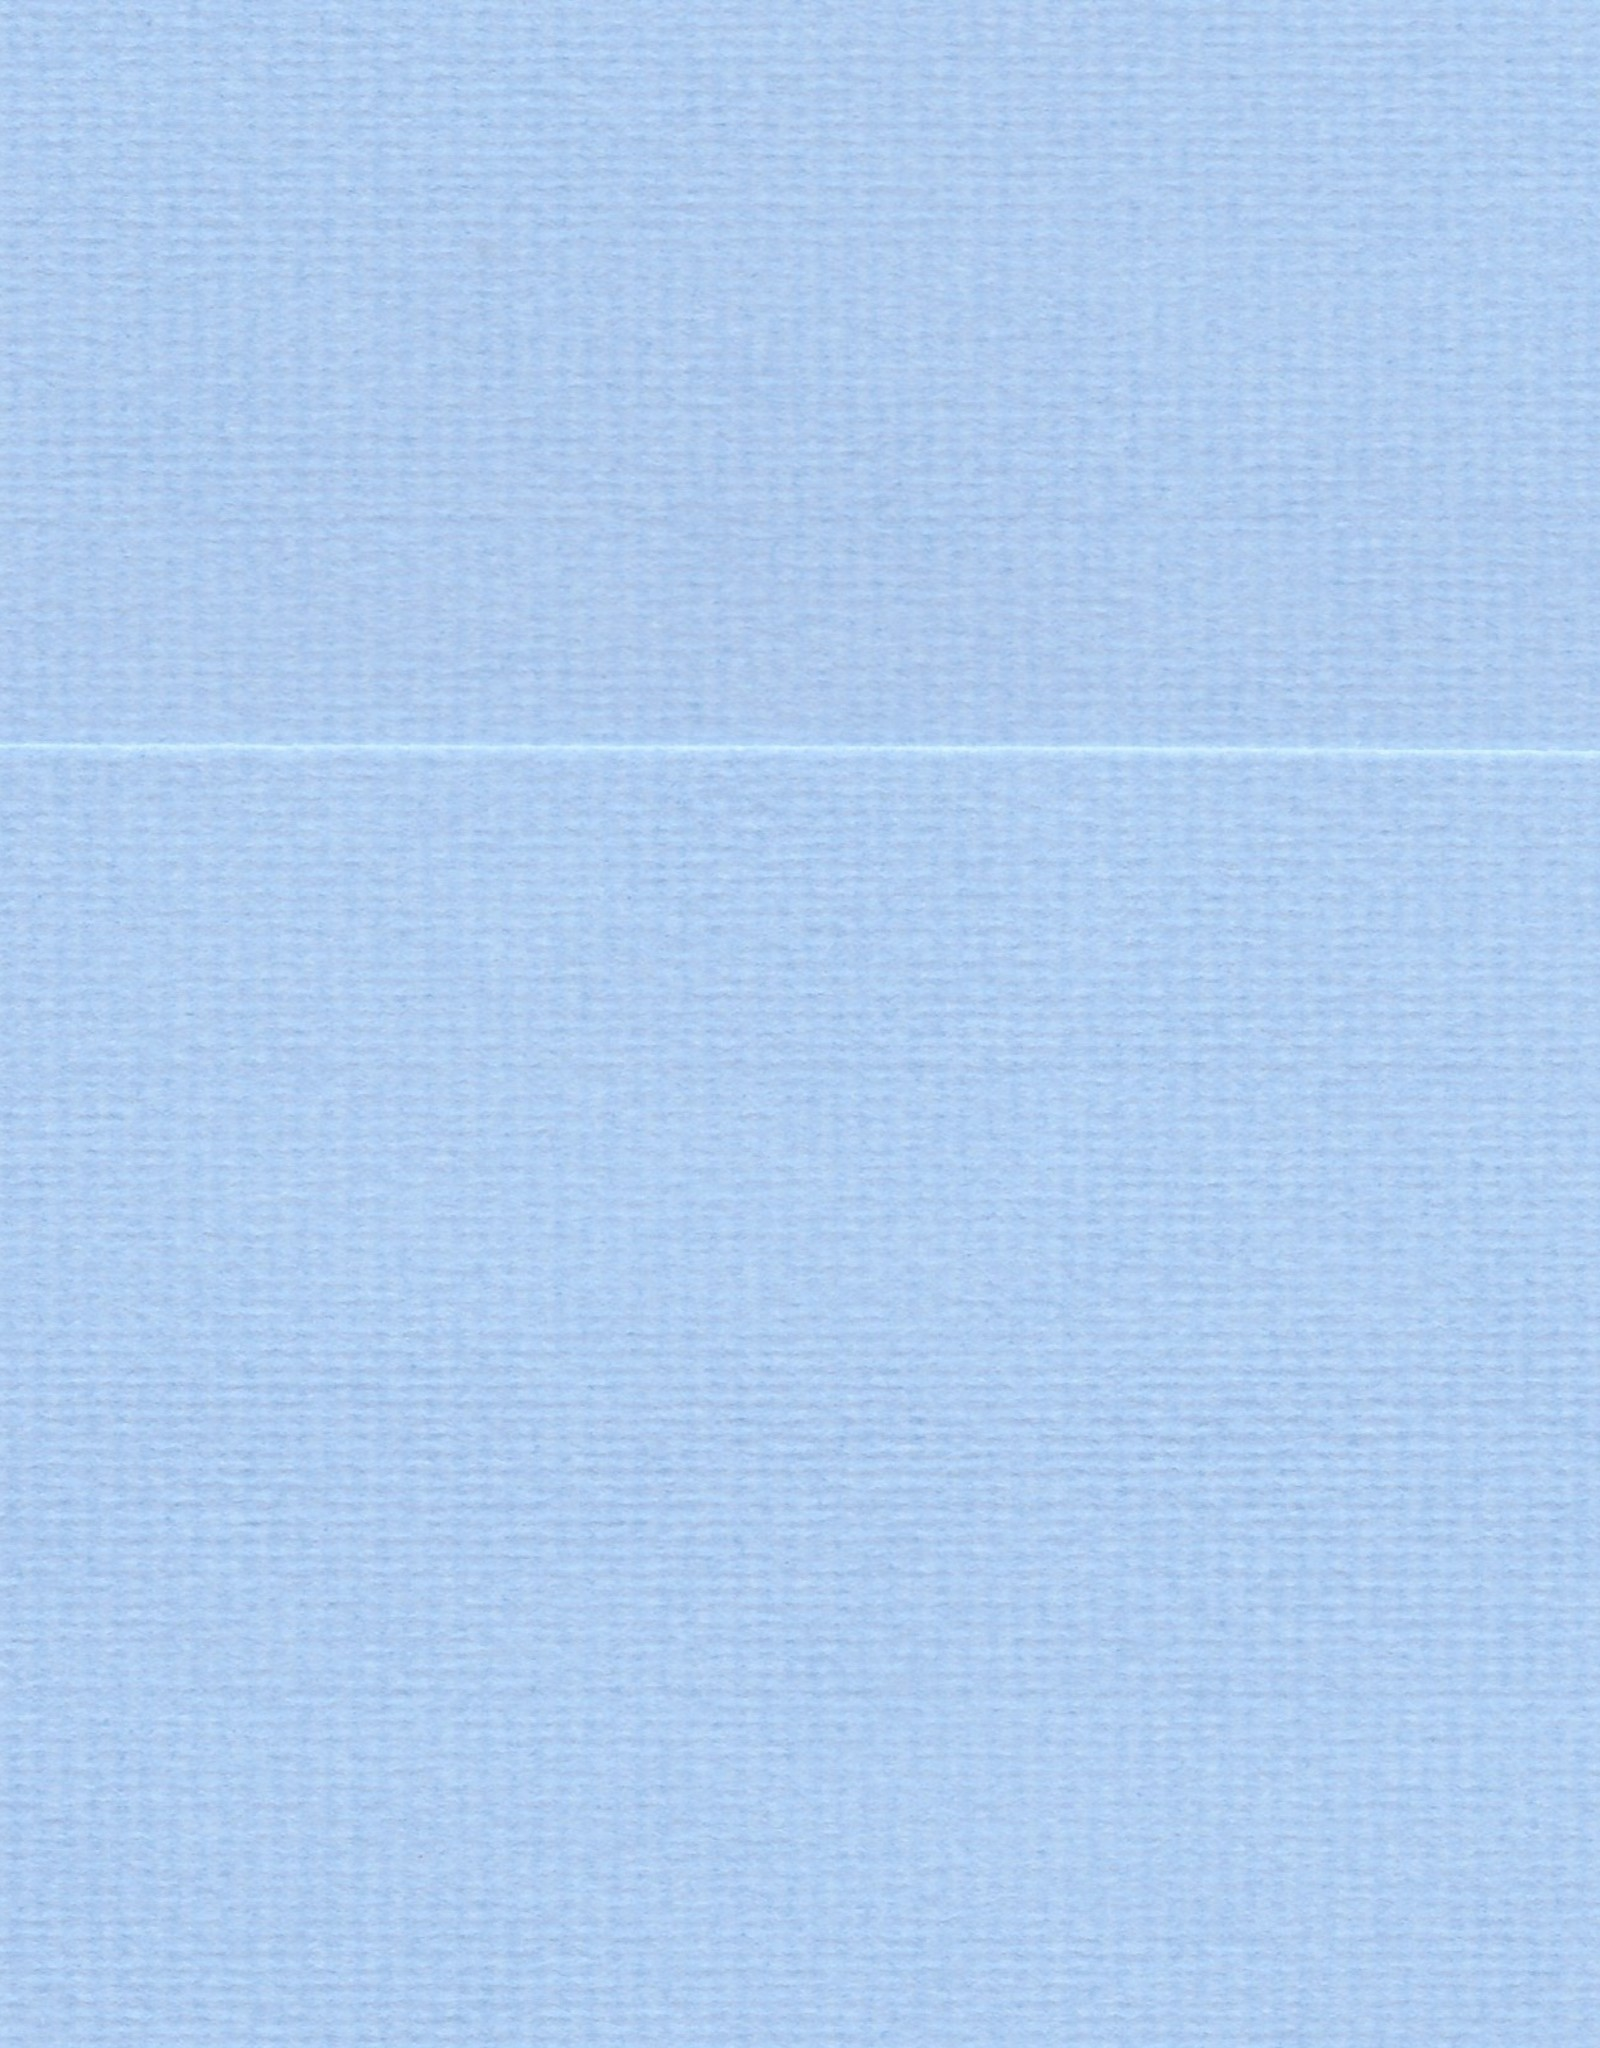 """Hahnemuhle Bugra, Aqumarine Blue (Baby Blue) #318, 33"""" x 41"""" 130 gsm"""